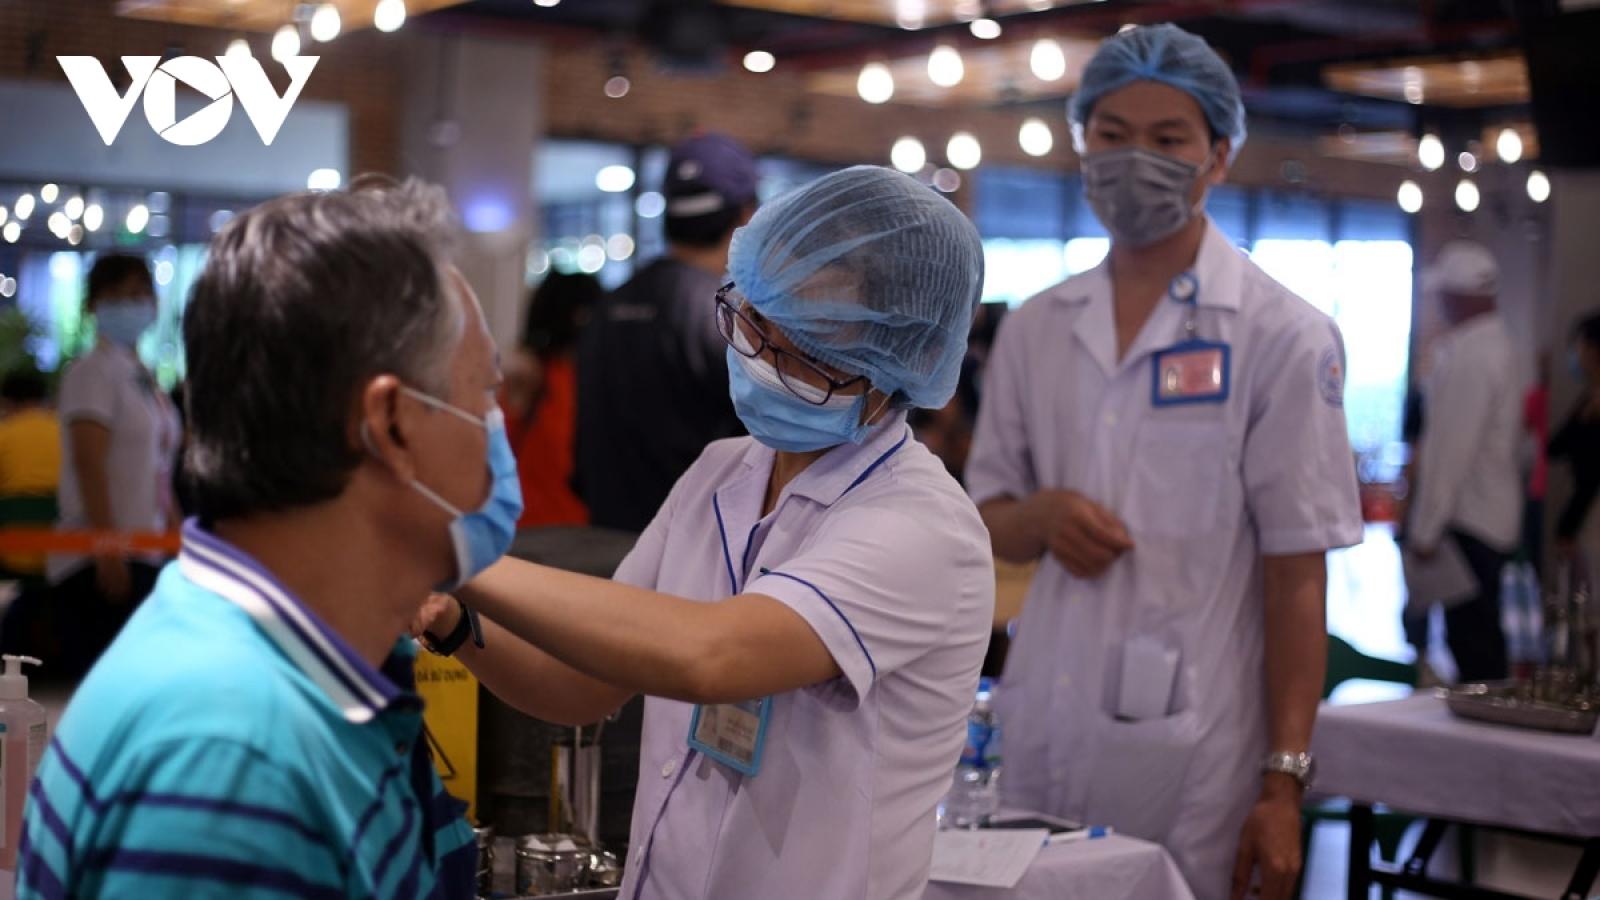 TP.HCM đã được phân bổ 3 triệu liều vaccine phòng COVID-19, nhiều nhất cả nước